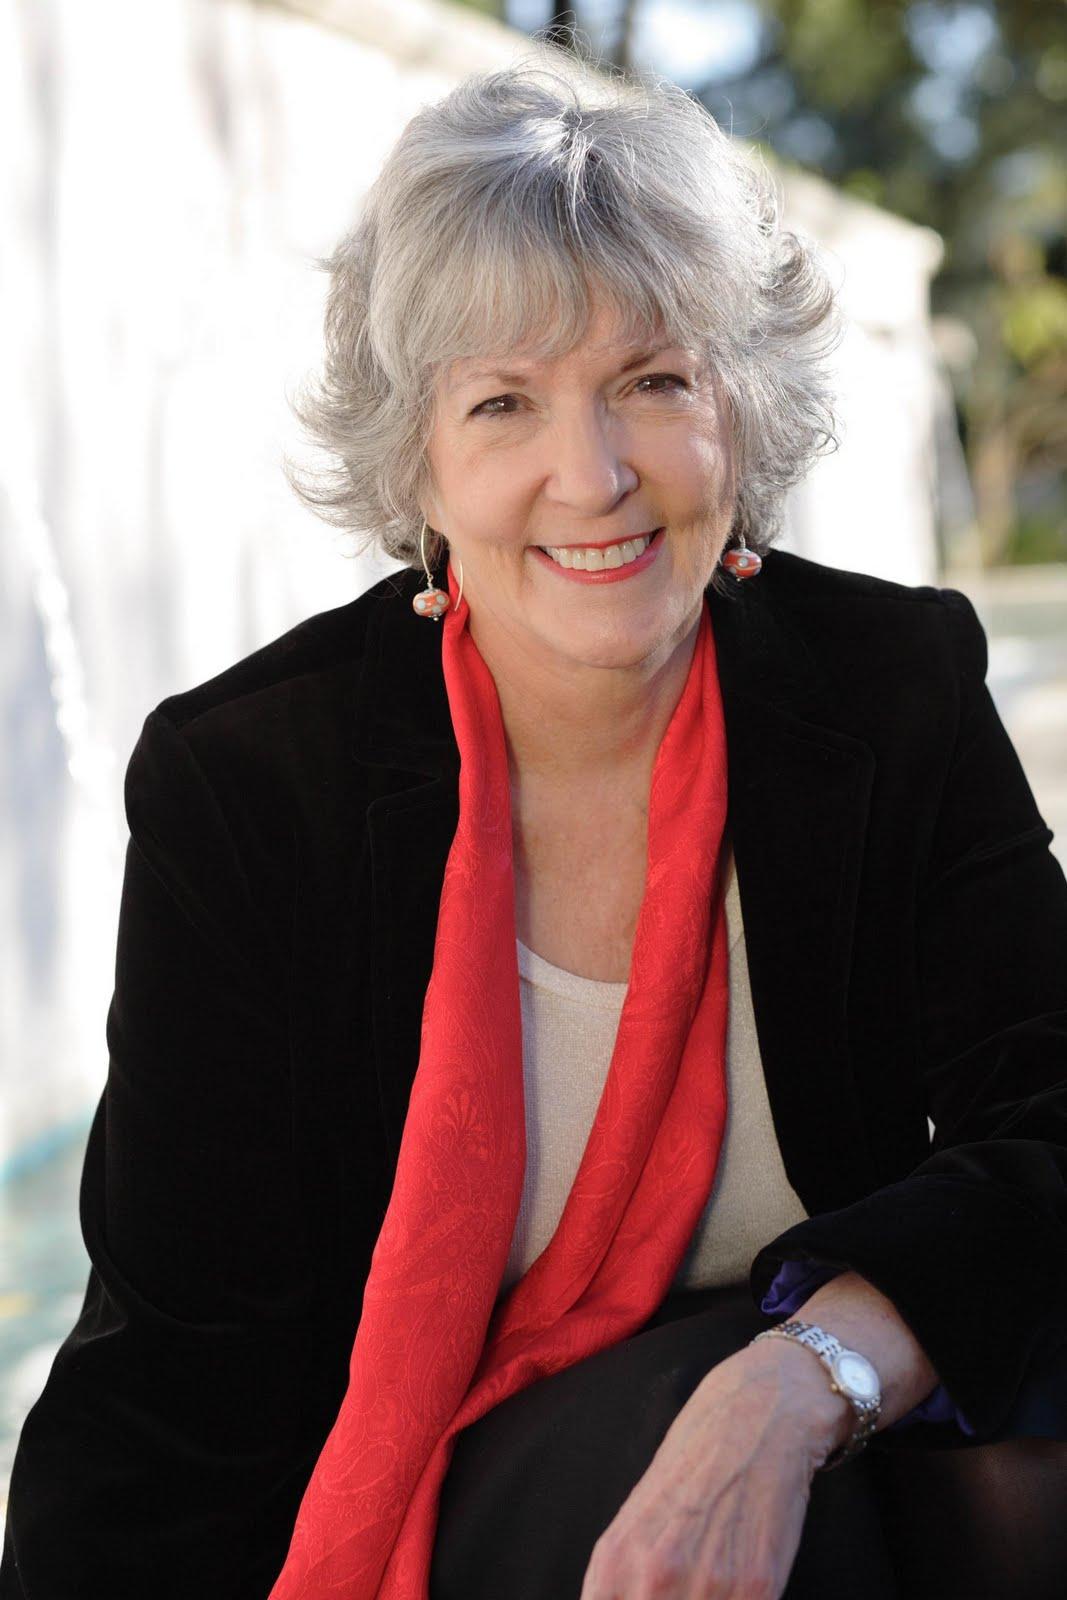 Sue Grafton's quote #5